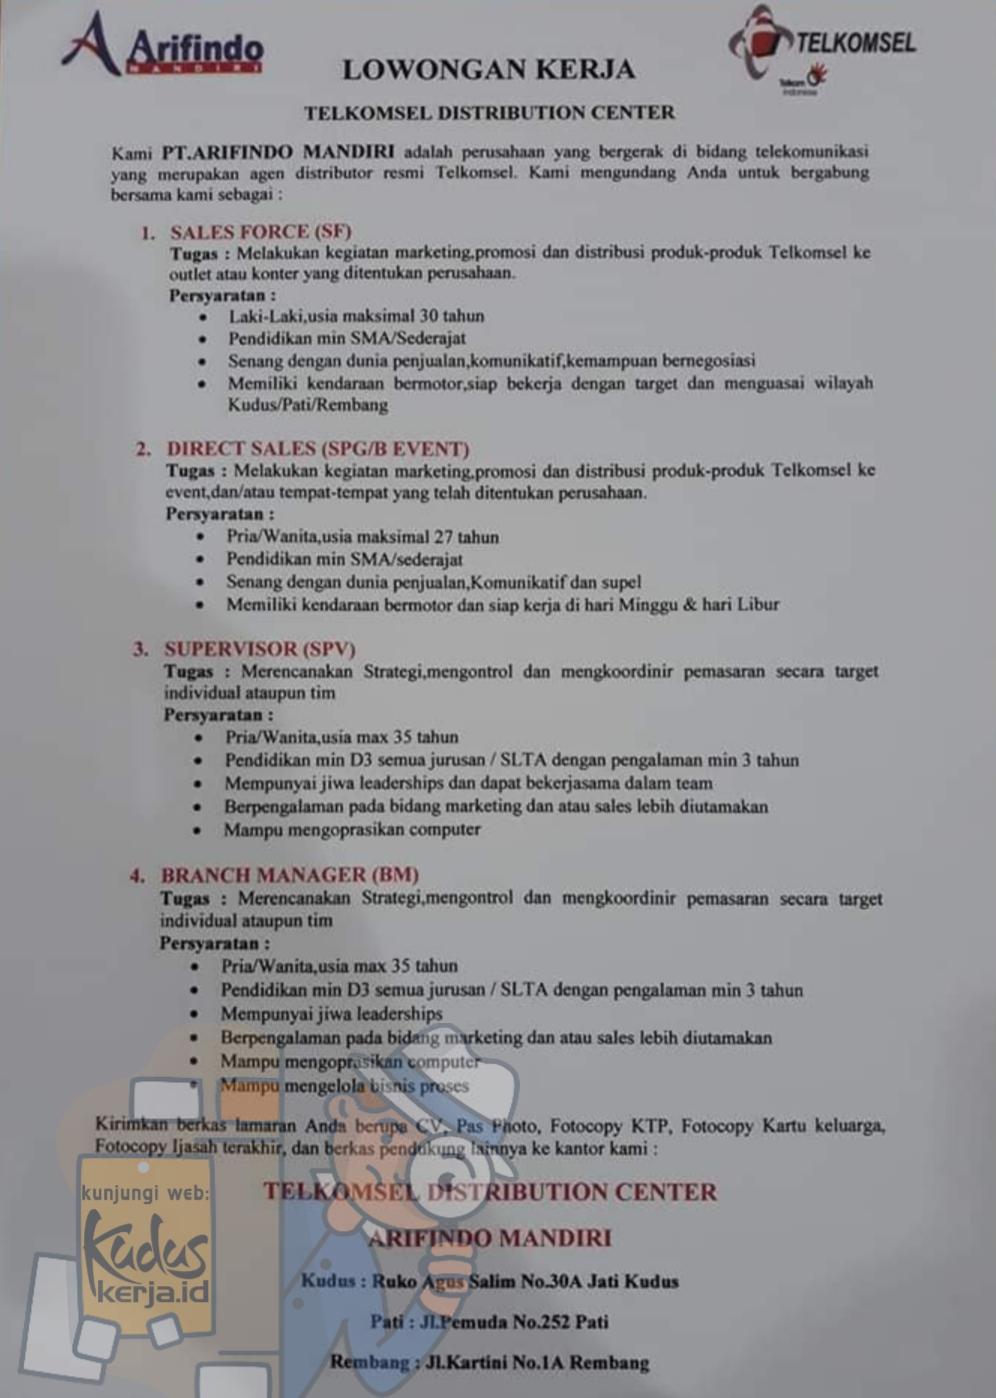 Kudus Kerja PT. Arifindo Mandiri merupakan perusahaan agen distributor resmi Telkomsel sedang membuka lowongan kerja untuk banyak posisi dari pendidikan terakhir SMA sampai D3. Lihat pada gambar dibawah ini informasi lengkapnya.